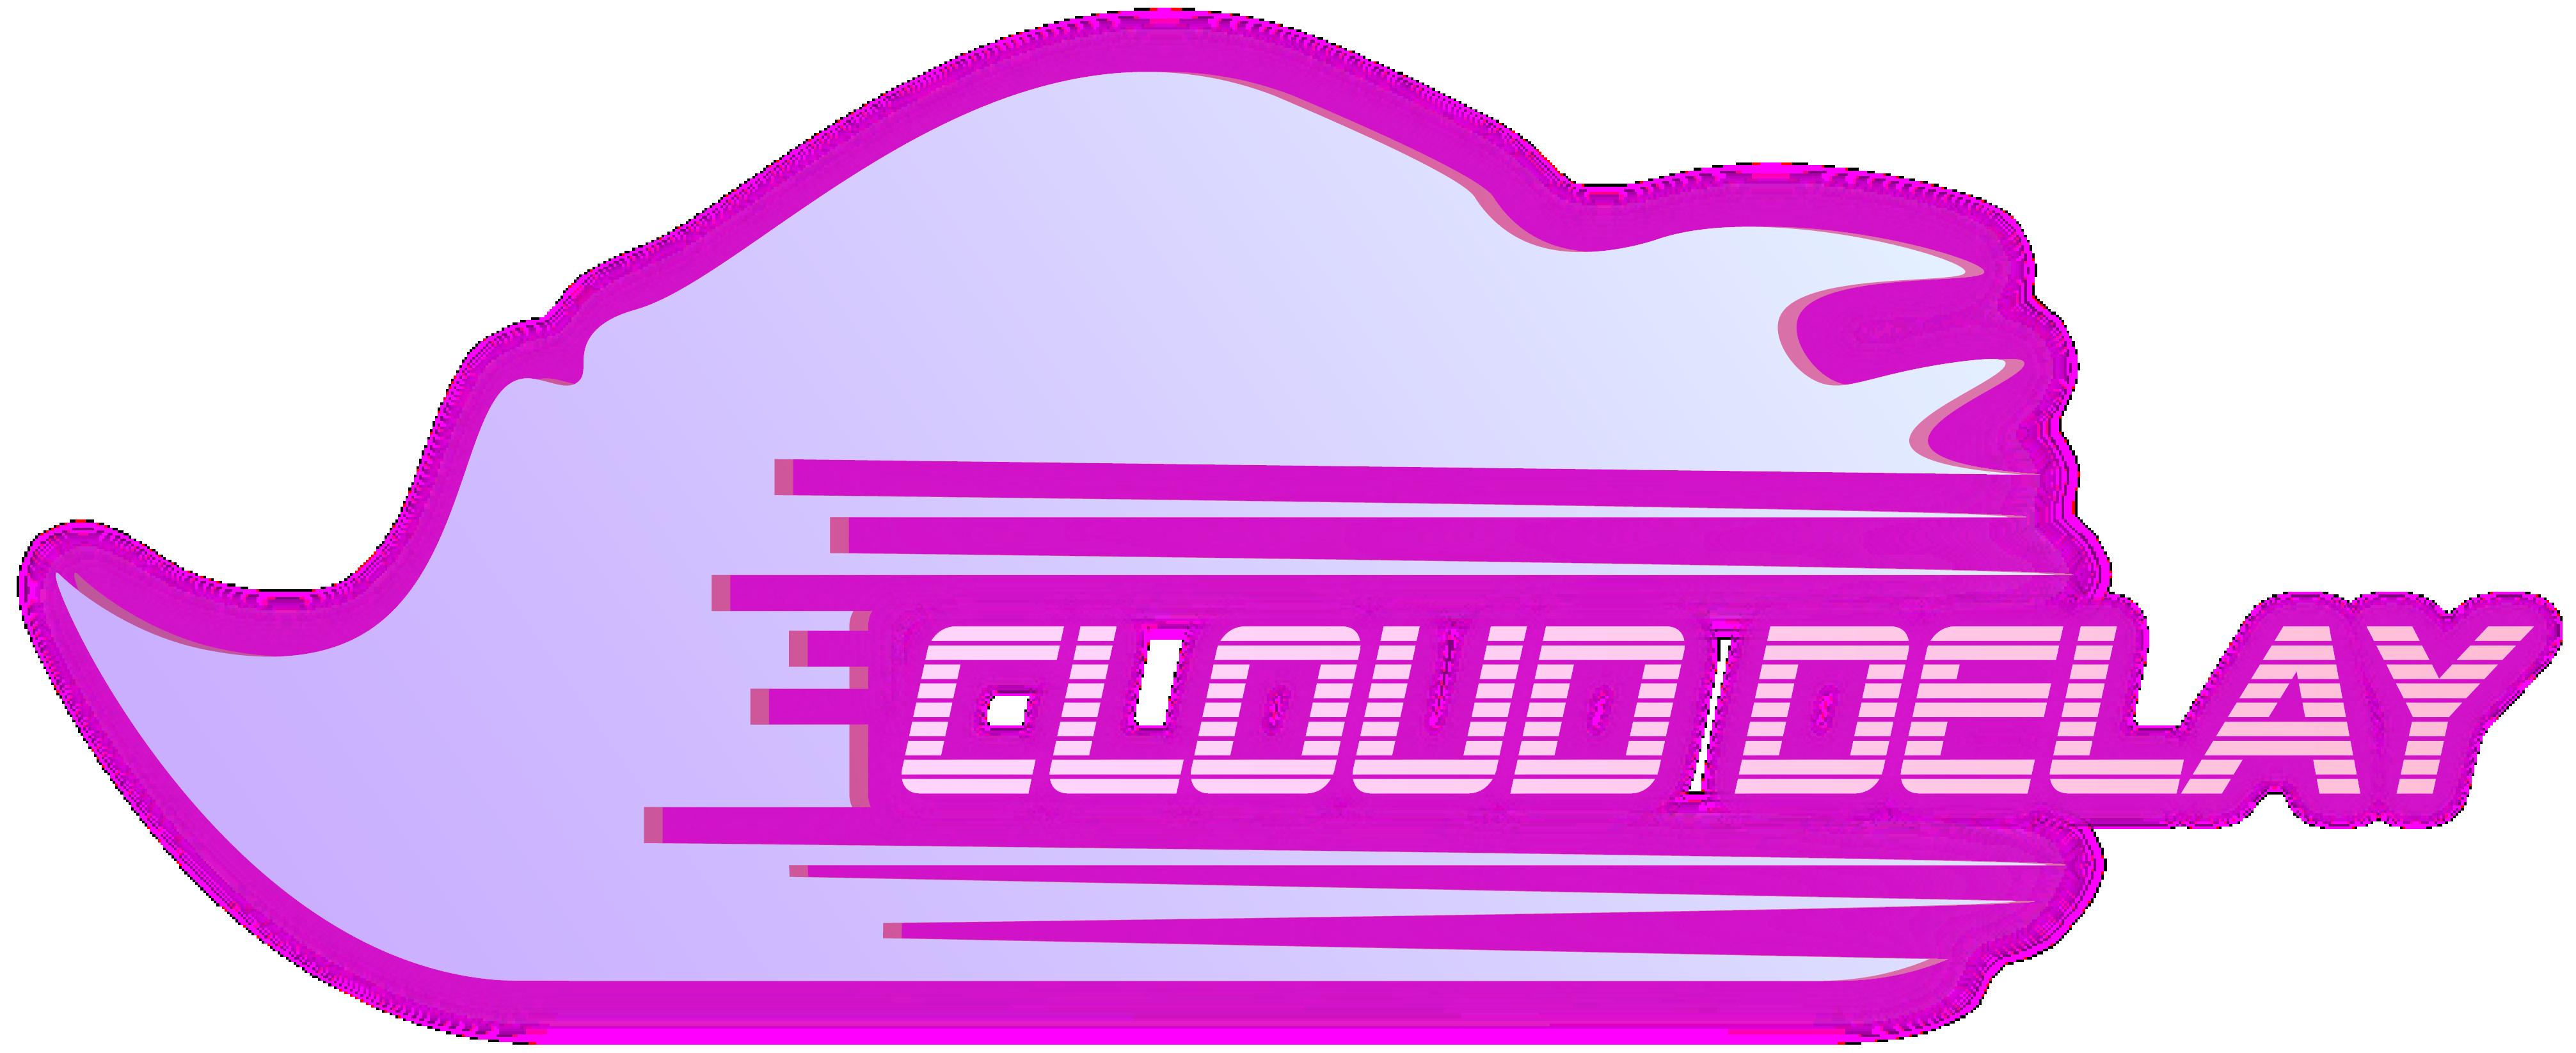 Логотип музыкального проекта и обложка сингла фото f_8745b674a73192b7.png